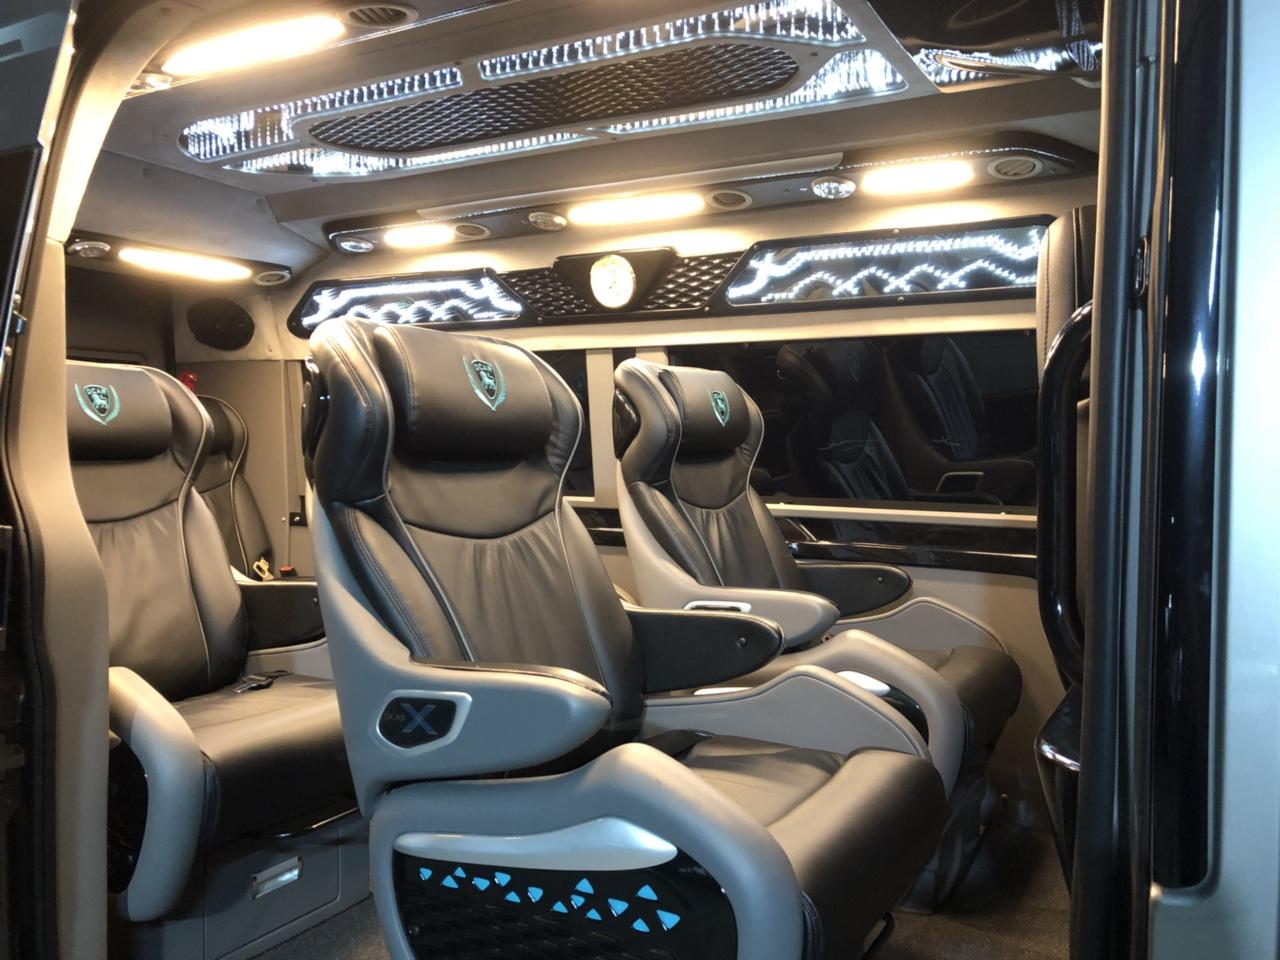 a2d8abb72c Cho thuê xe dcar limousine-10 ghế vip tại đà nẵng